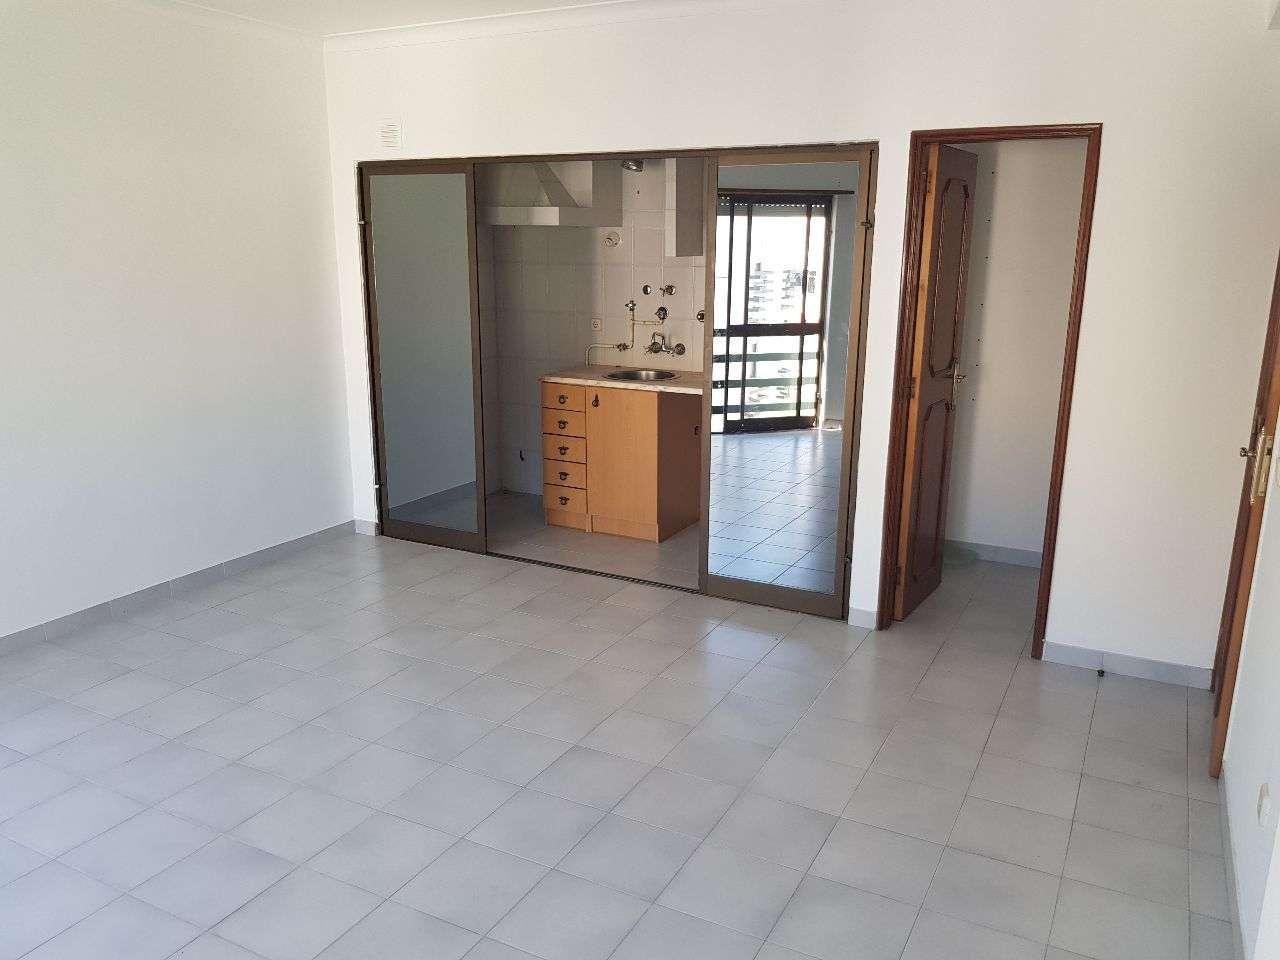 Apartamento para arrendar, Santarém (Marvila), Santa Iria da Ribeira de Santarém, Santarém (São Salvador) e Santarém (São Nicolau), Santarém - Foto 4